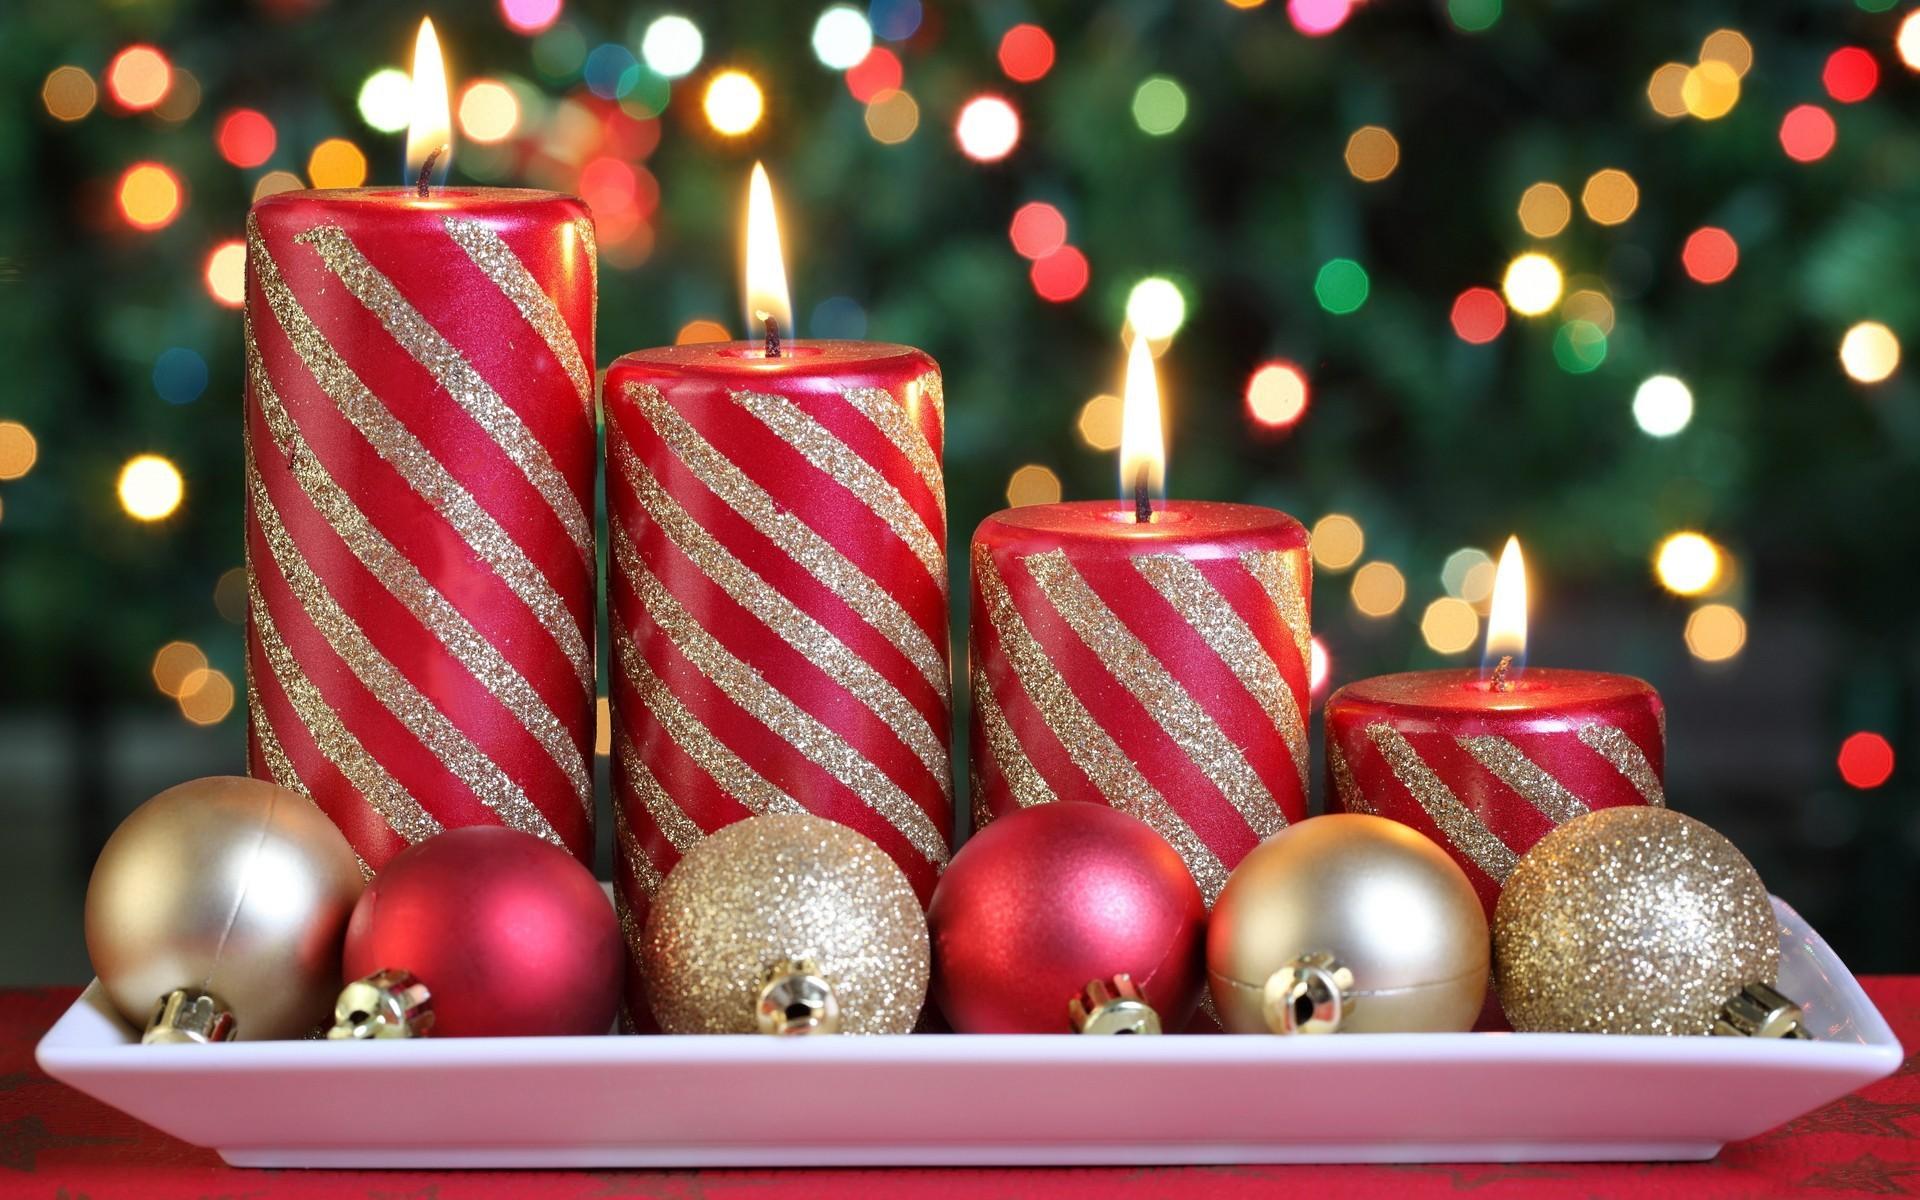 Arreglo de velas x navidad - 1920x1200